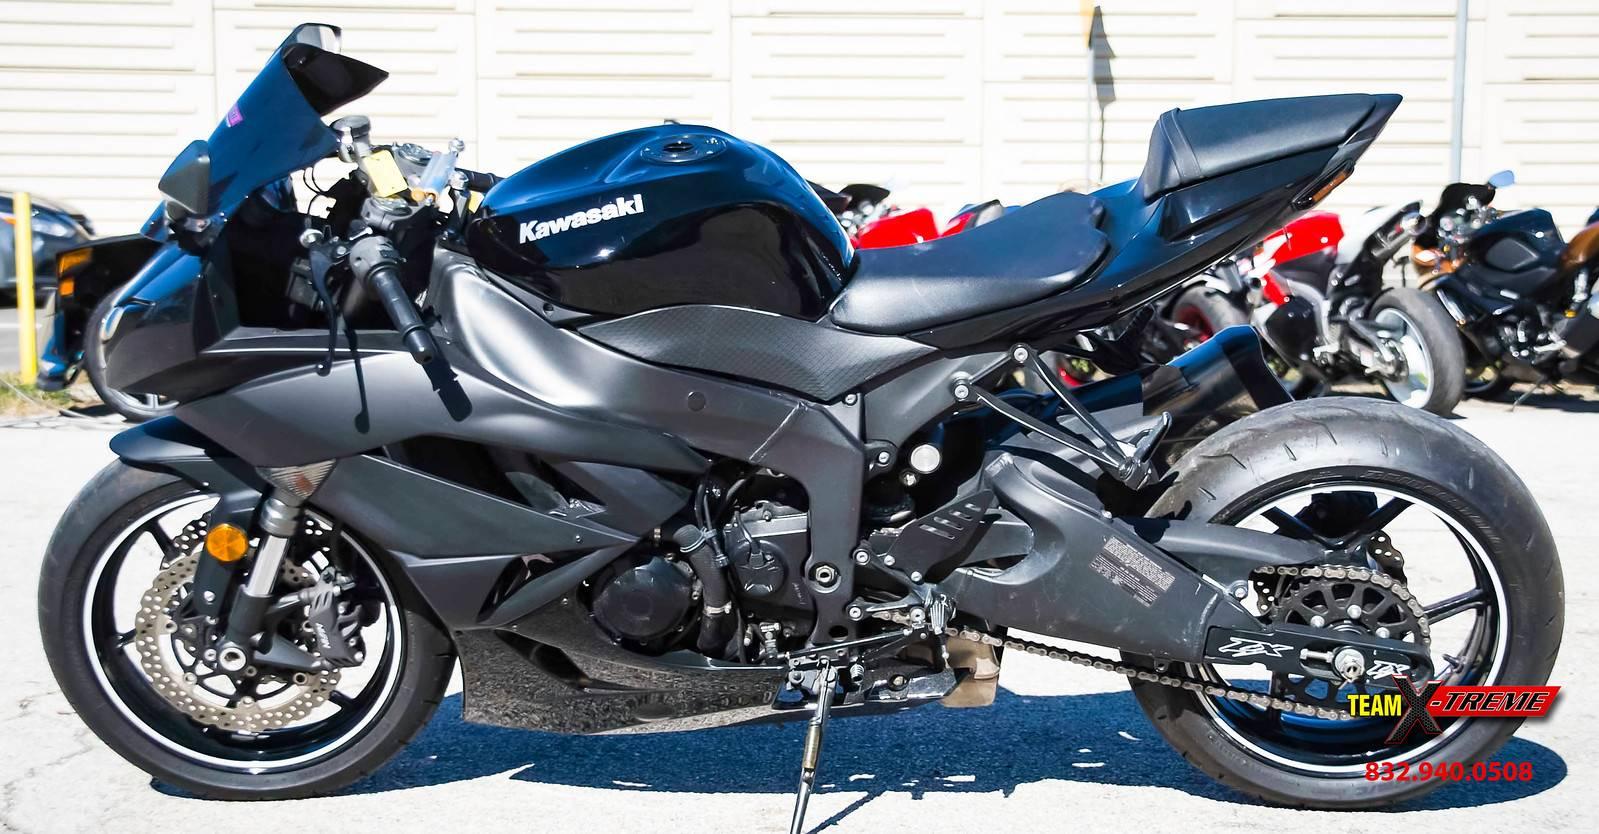 2009 Kawasaki Ninja ZX-6R 7